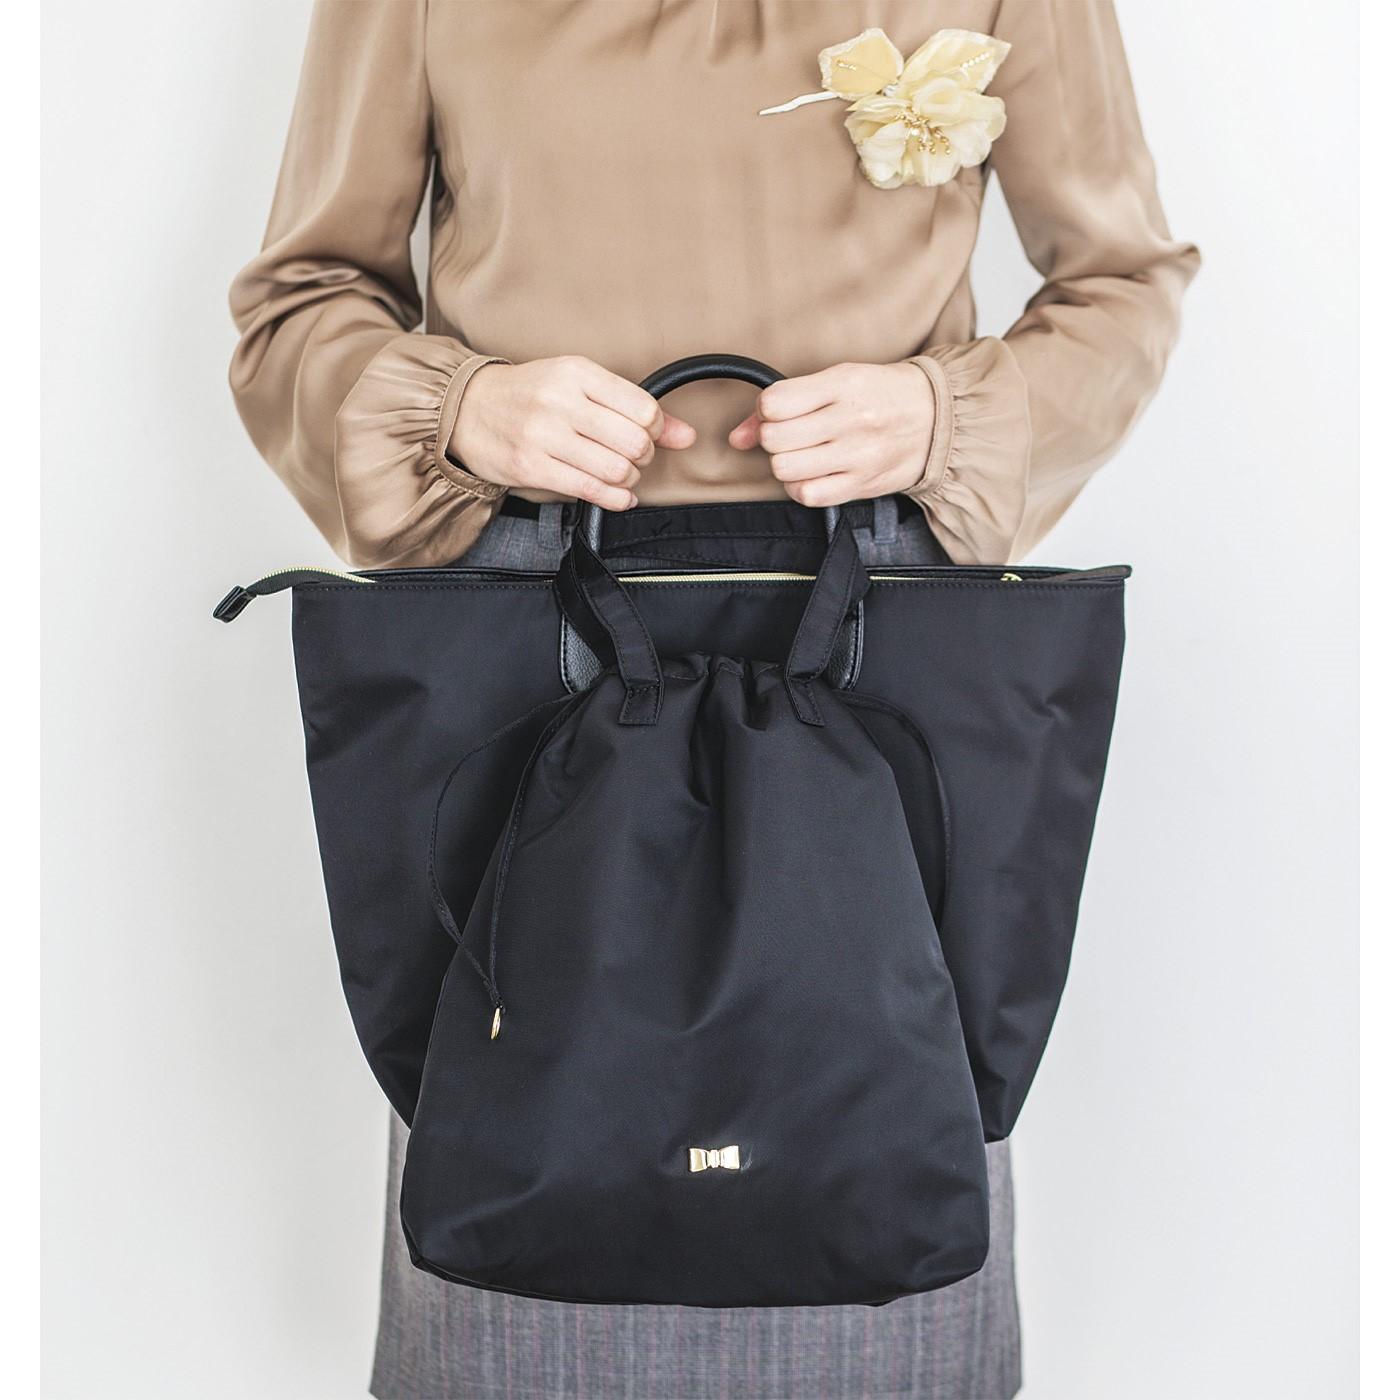 メインのバッグの持ち手にシューズきんちゃくを引っ掛ければすっきりと持ててスマート。